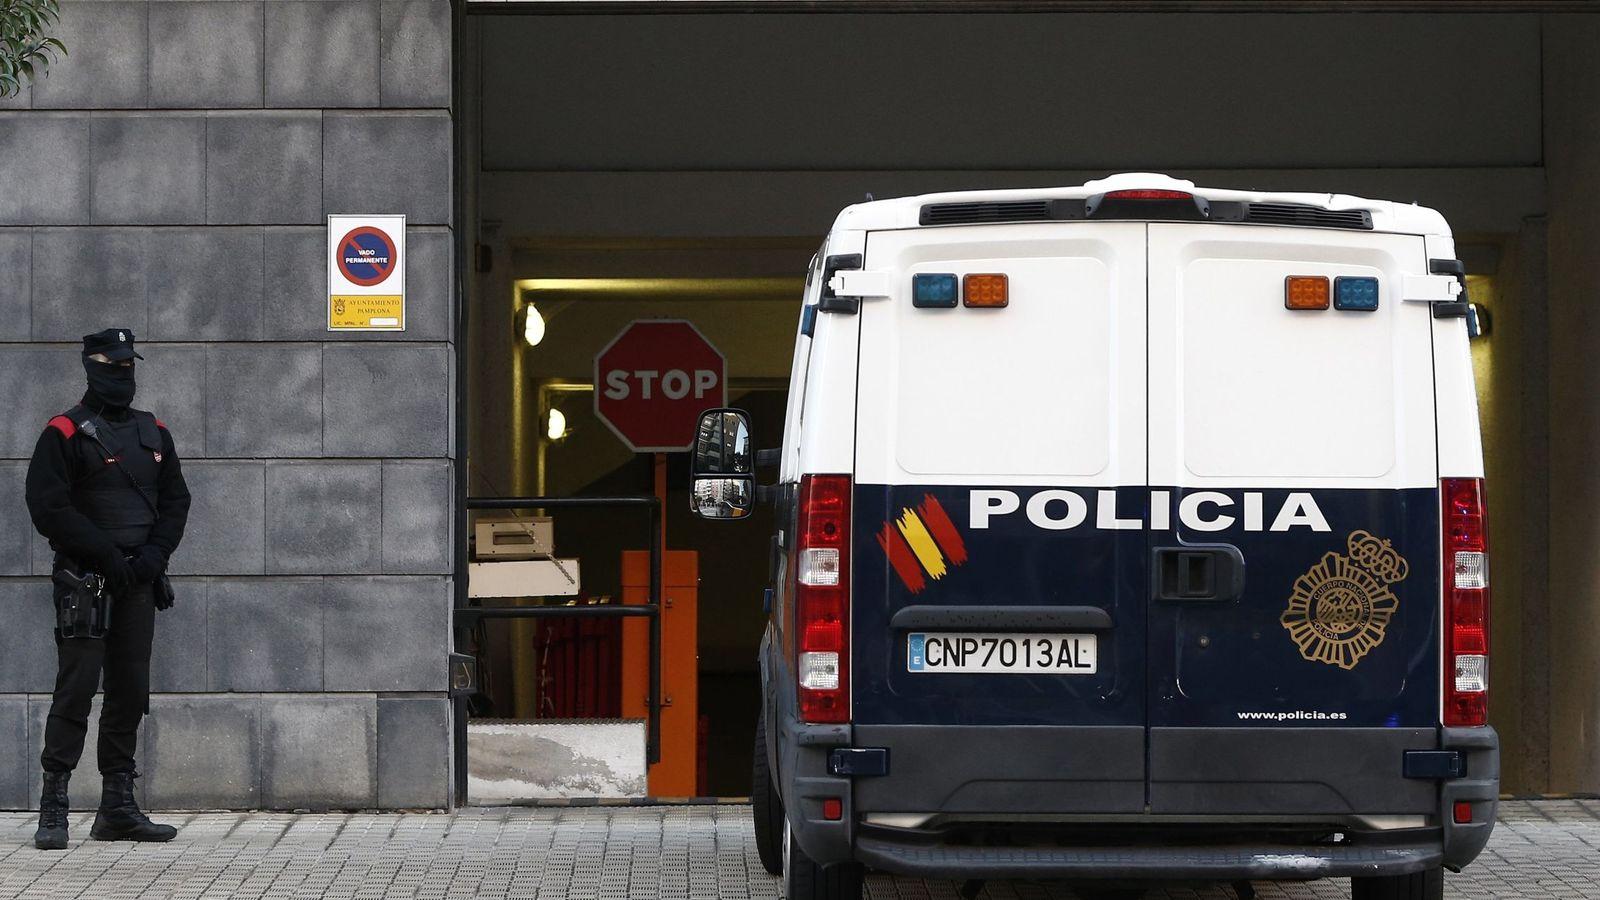 Foto: El furgón que traslada a los cinco acusados accede este miércoles a dependencias judiciales. (EFE)